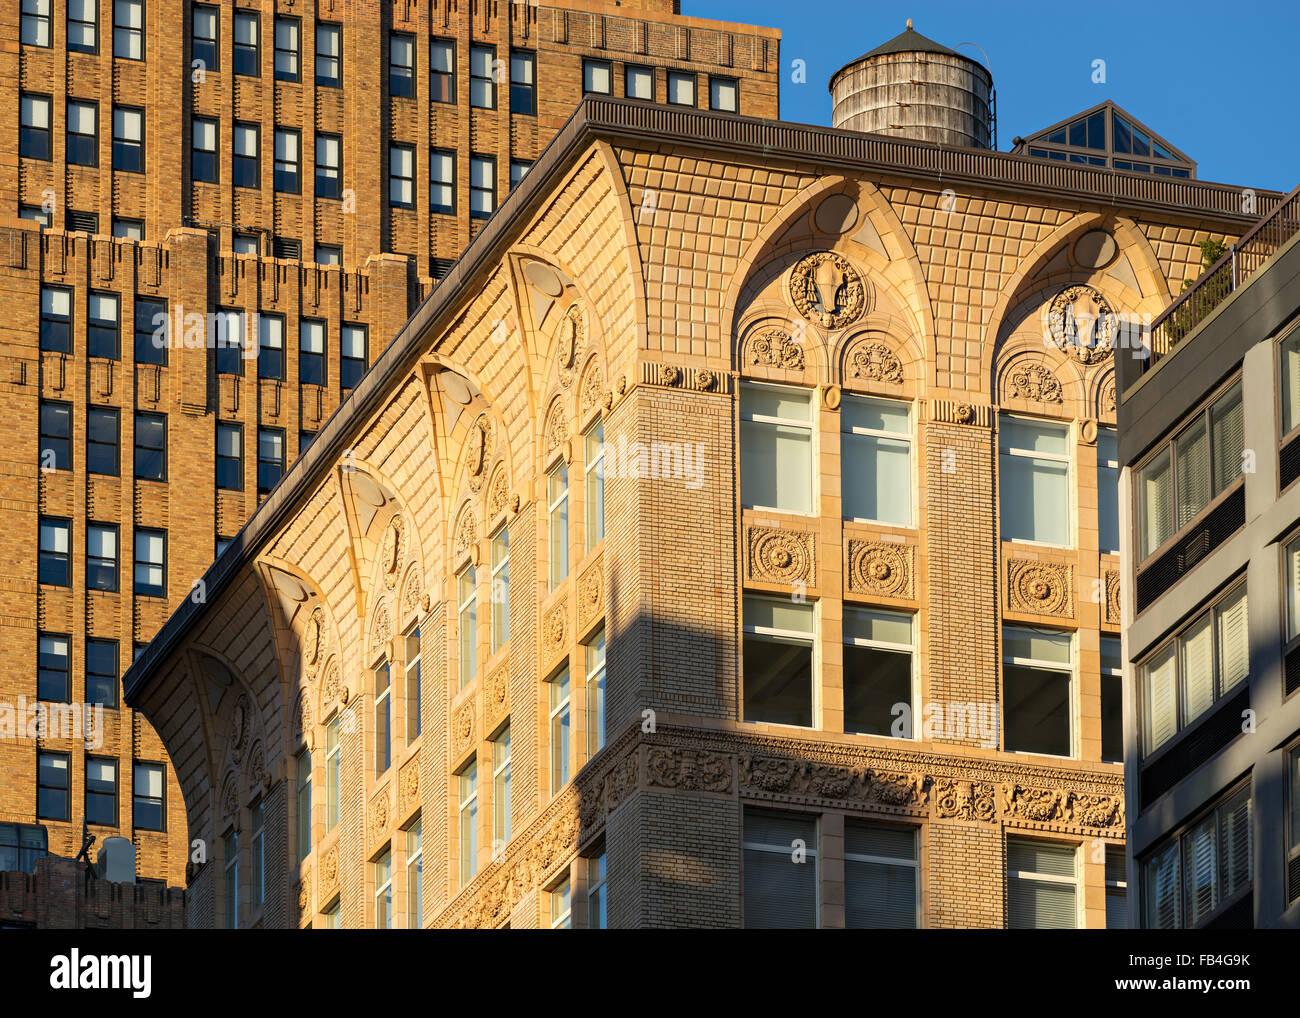 Ornamento di terracotta, teste cilindri, garland e archi gotici di na Chelsea loft costruzione a Manhattan, New Immagini Stock